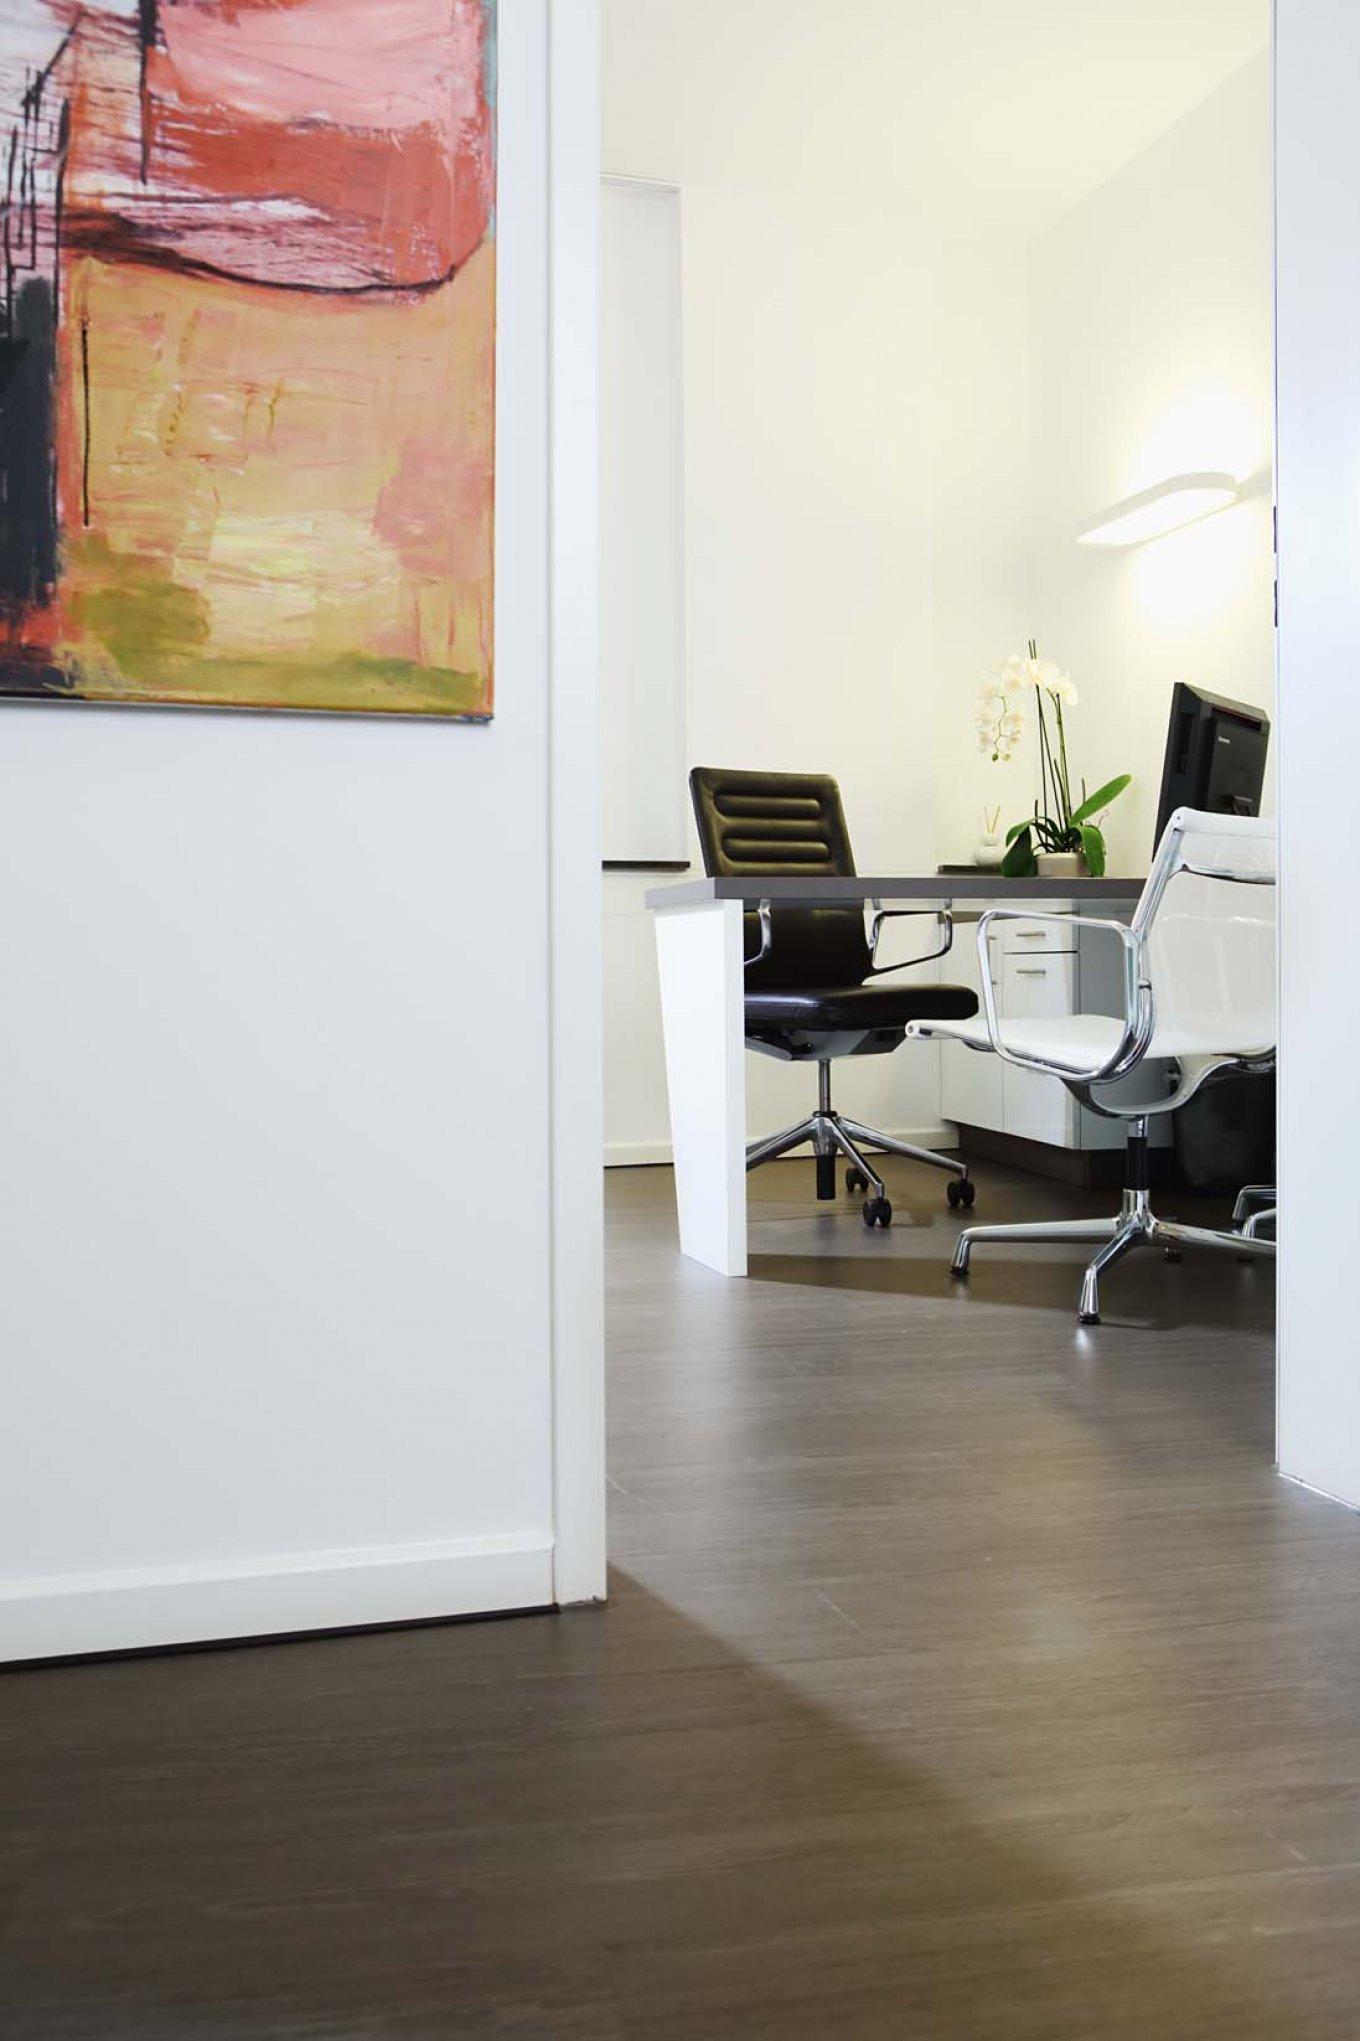 wineo Bodenbelag in Arztpraxis Bürostuhl Holzoptik moderne Einrichtung Praxisraum Behandlungsraum